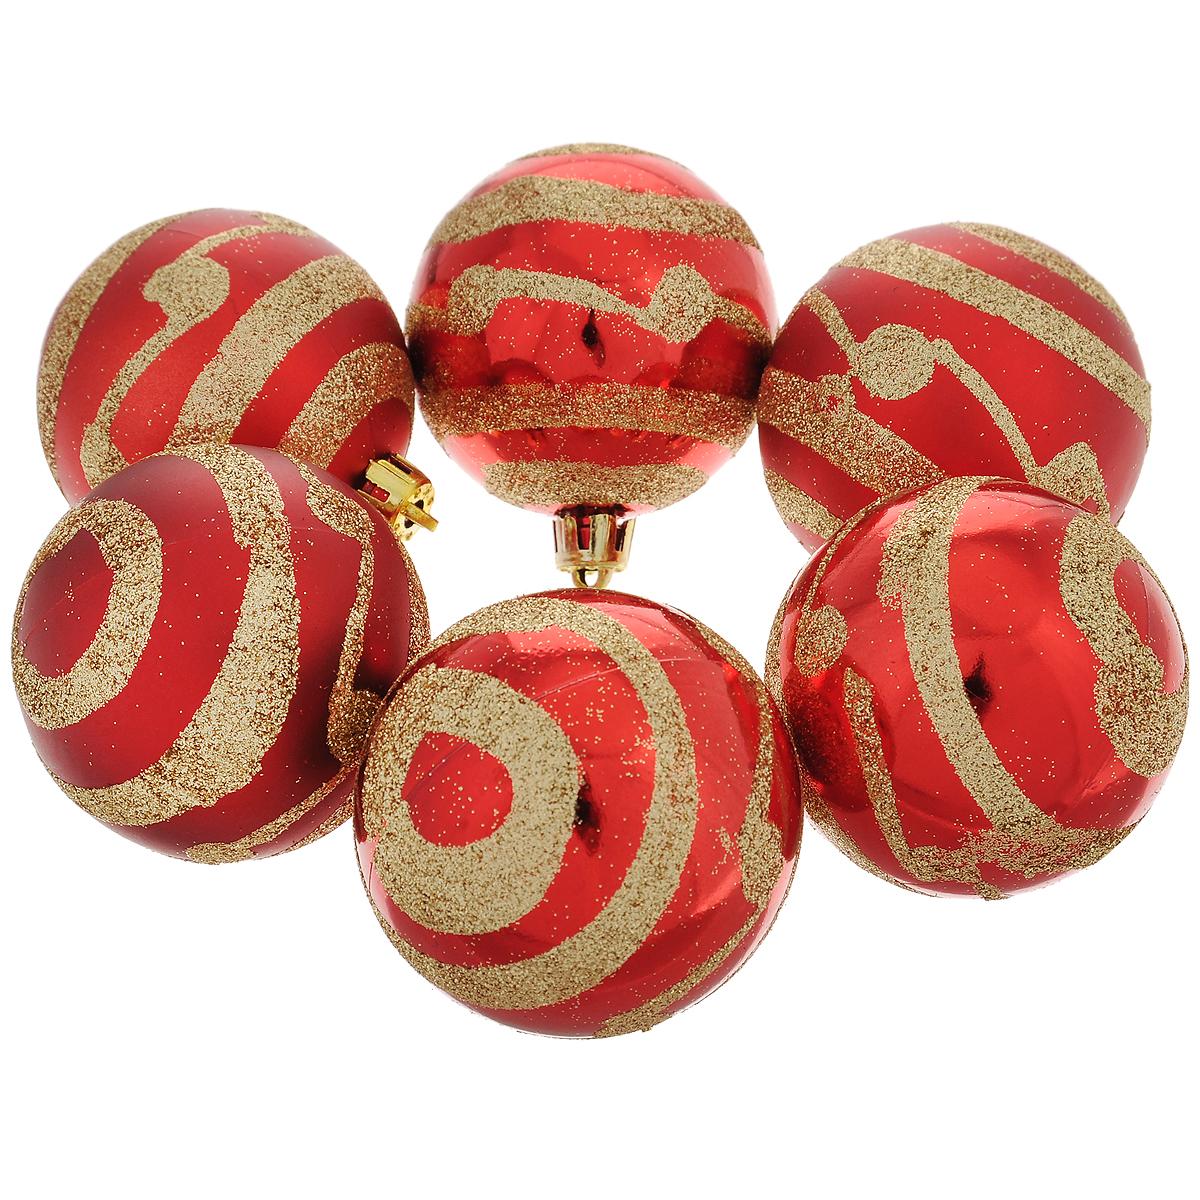 Набор новогодних подвесных украшений Шар, цвет: золотистый, красный, диаметр 6 см, 6 шт. 3549735497Набор новогодних подвесных украшений Шар прекрасно подойдет для праздничного декора новогодней ели. Состоит из шести шаров.Елочная игрушка - символ Нового года. Она несет в себе волшебство и красоту праздника. Создайте в своем доме атмосферу веселья и радости, украшая новогоднюю елку нарядными игрушками, которые будут из года в год накапливать теплоту воспоминаний. Коллекция декоративных украшений принесет в ваш дом ни с чем несравнимое ощущение волшебства! Откройте для себя удивительный мир сказок и грез. Почувствуйте волшебные минуты ожидания праздника, создайте новогоднее настроение вашим дорогим и близким.